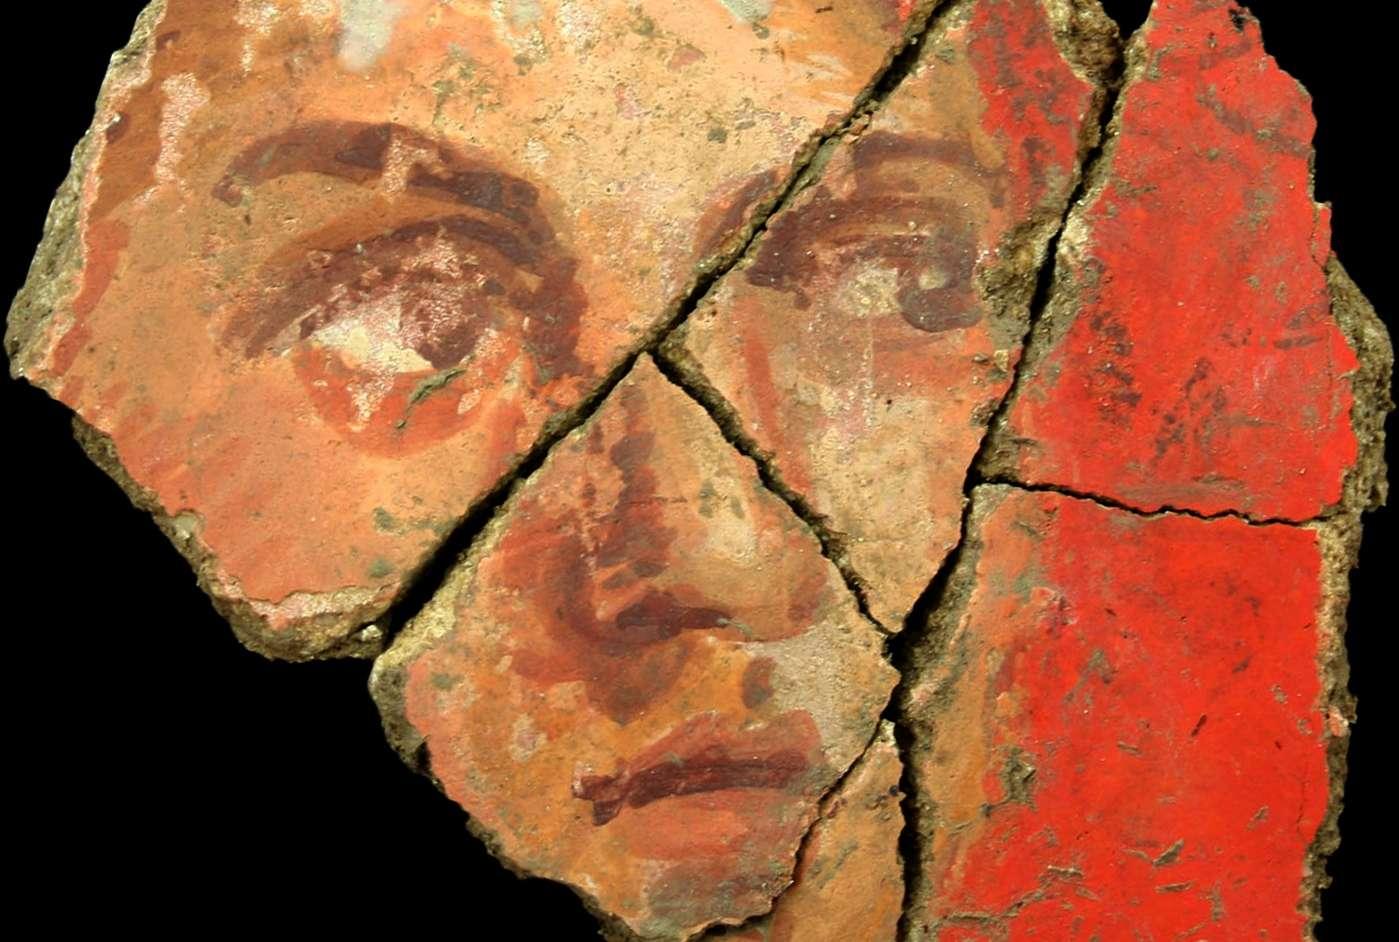 Un visage féminin peint sur le mur intérieur de cette maison romaine, sur fond vermillon, un pigment de luxe. Le style est pompéien et peu d'exemples sont connus en France. Ces fresques, à Arles, sont tout à fait exceptionnelles par leur richesse et leur état de conservation. La maison se trouvait en ville, sur la rive droite du Rhône, dans un quartier chic. © J. Boislève, Inrap, musée départemental Arles Antique